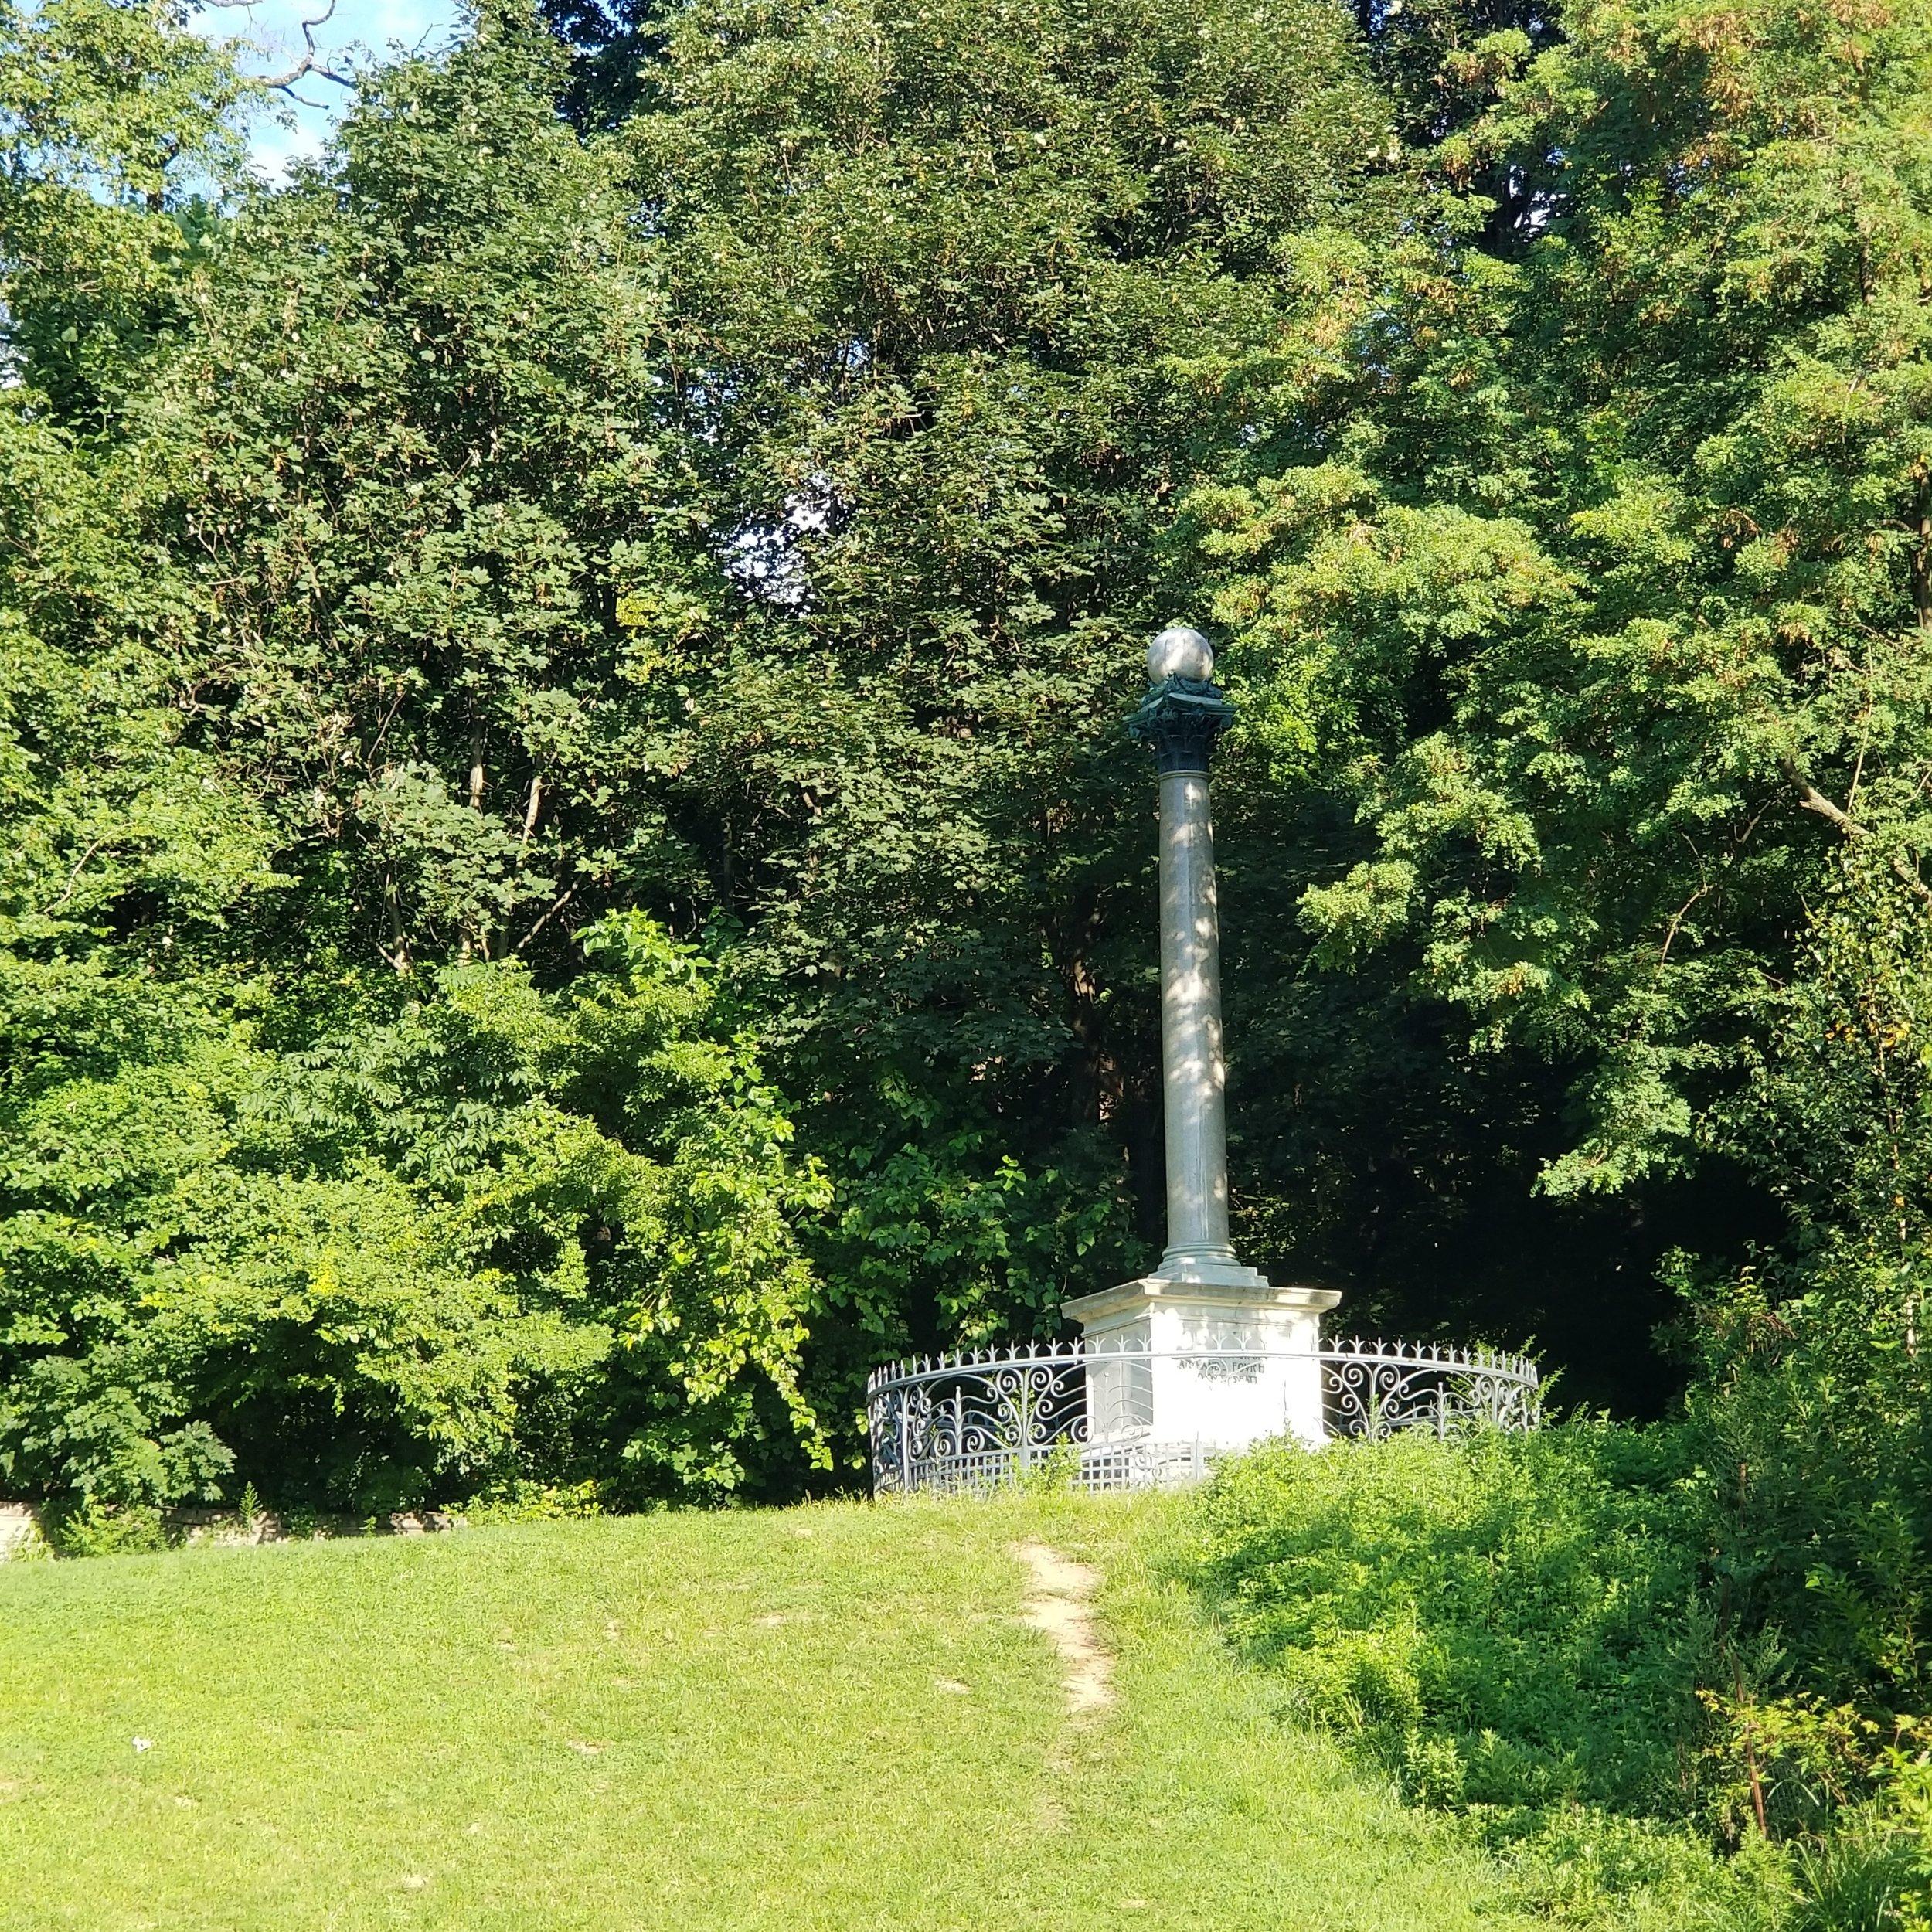 Maryland 400 Memorial